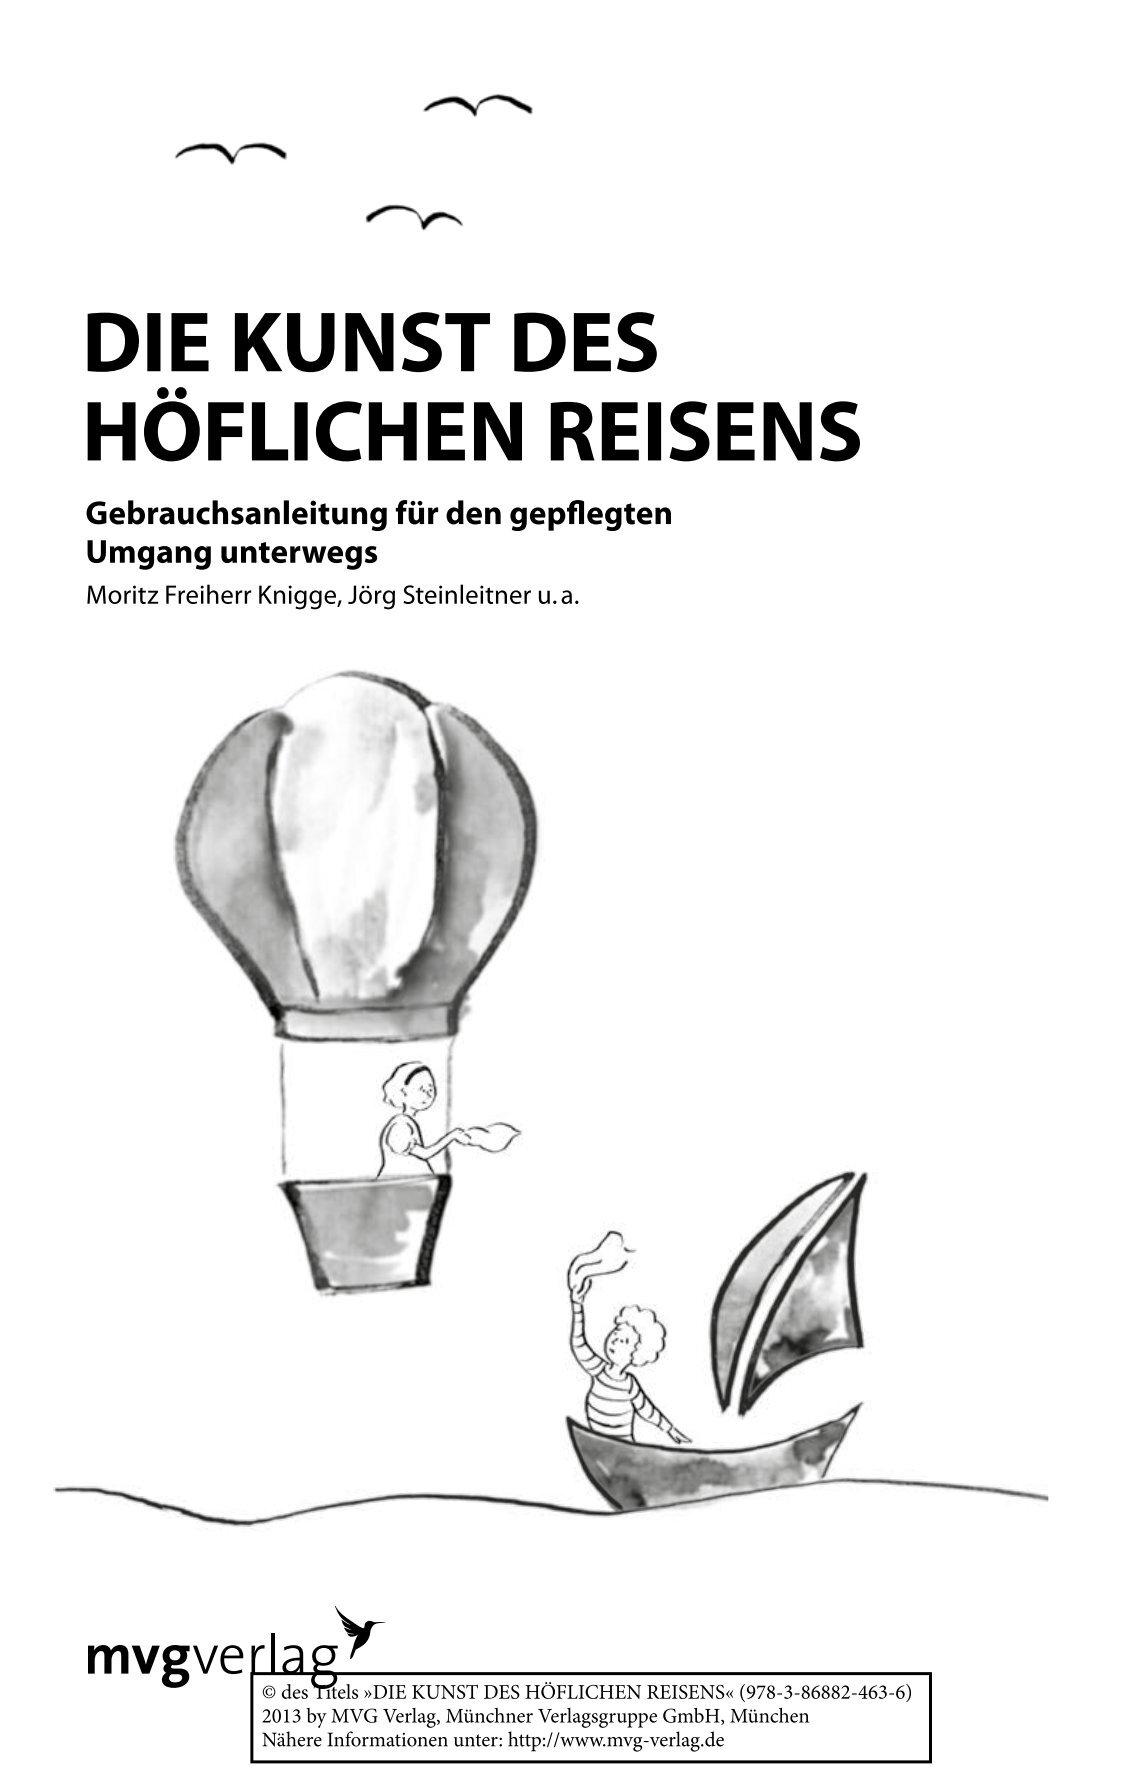 Gemütlich Die Kunst Der Anatomie Bilder - Anatomie Von Menschlichen ...